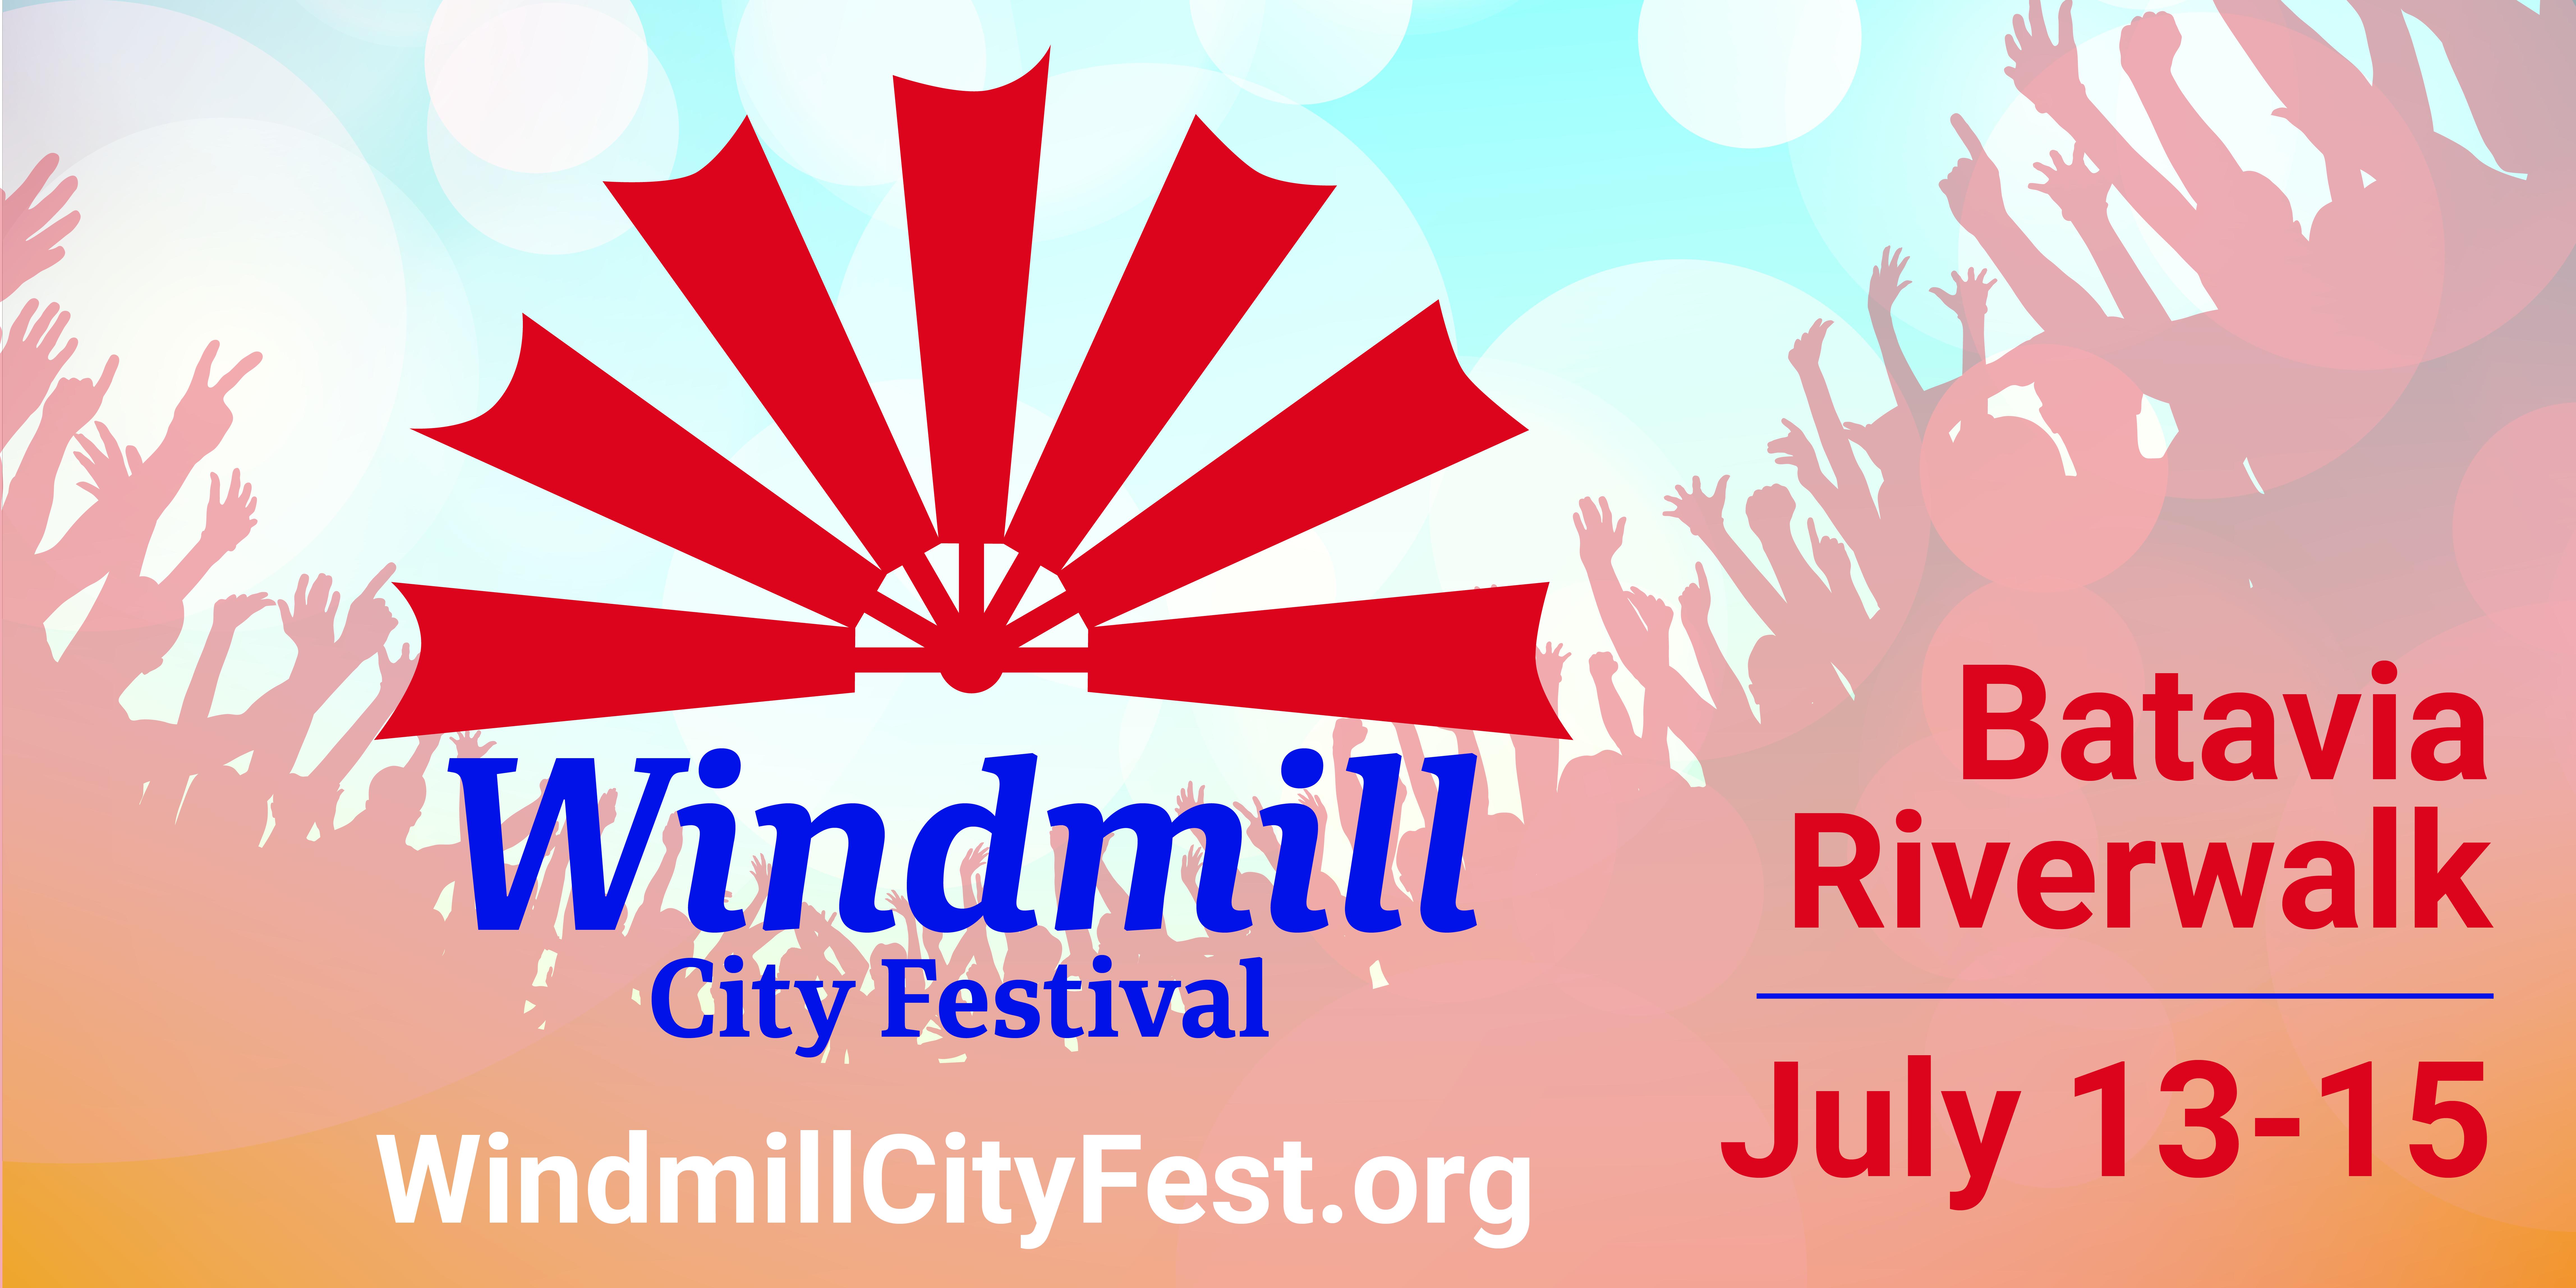 Click here for https://www.windmillcityfest.org